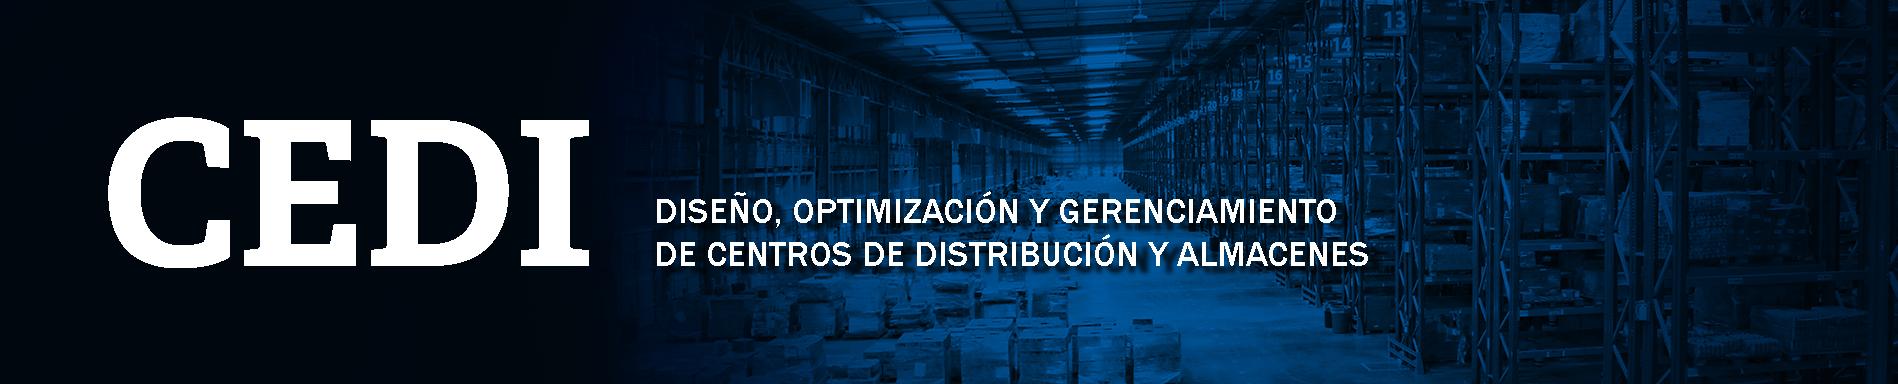 Programa para el gerenciamiento de Centros de Distribución y almacenes.